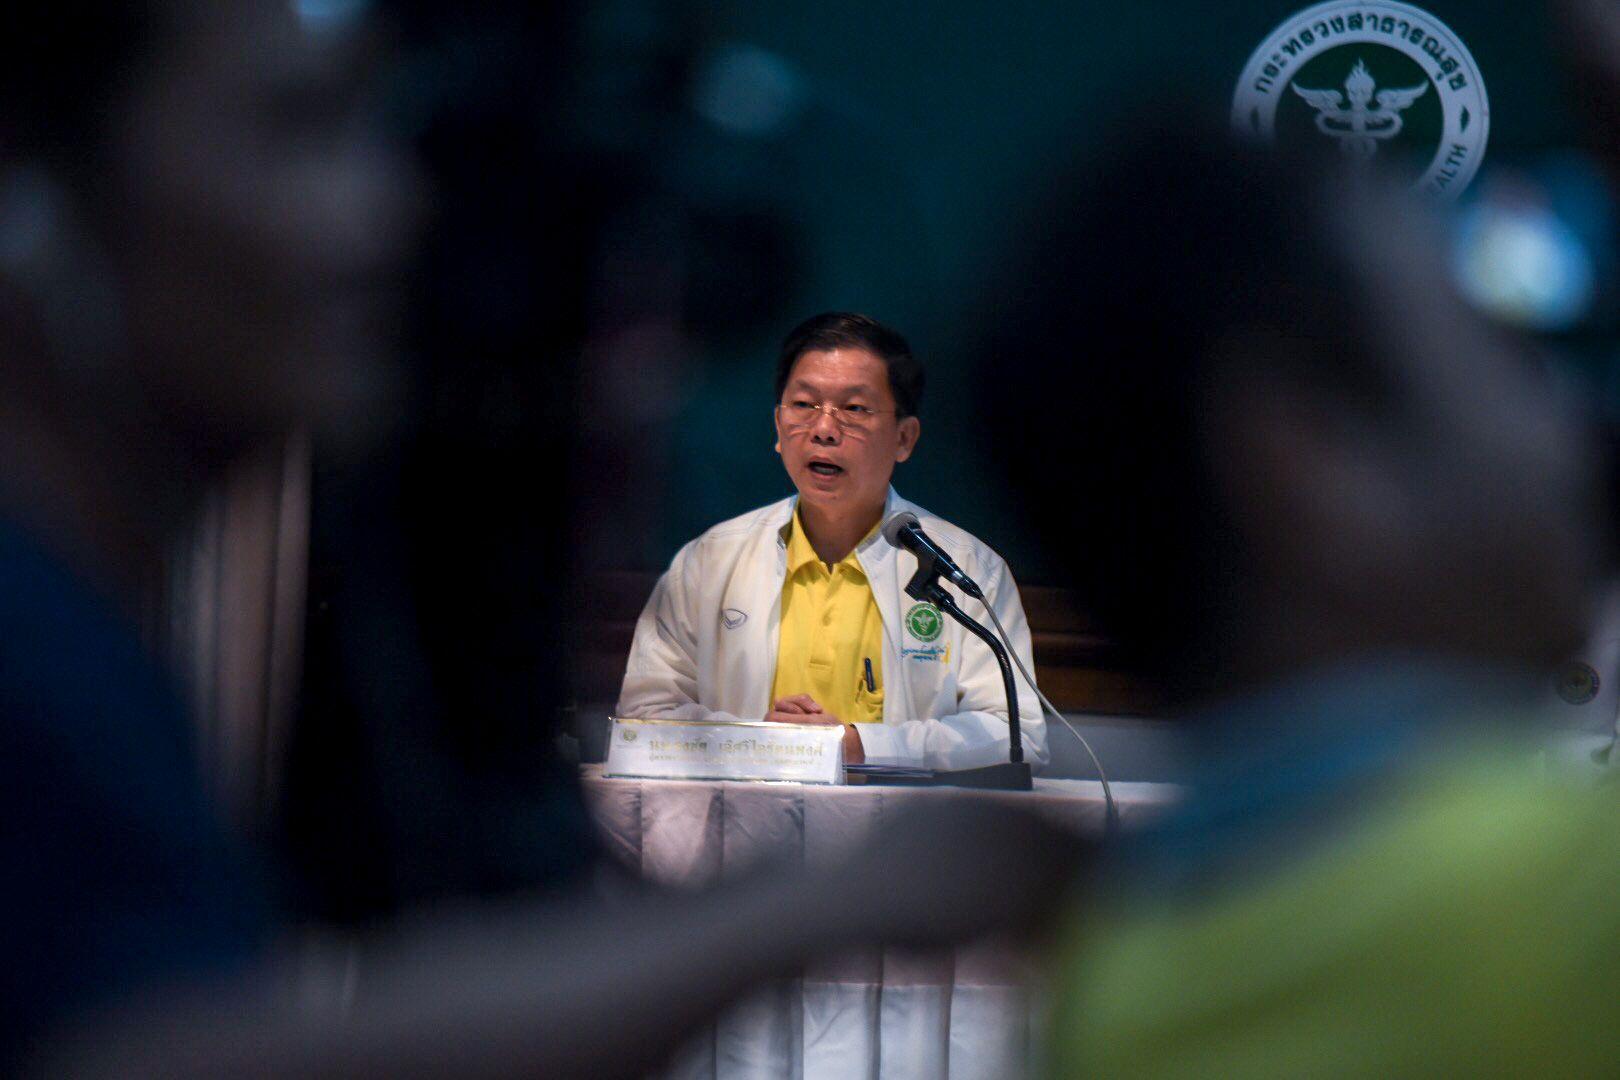 PRESSEKONFERANSE:  Tongchai Lertwilairatanapong fra det thailandske helsedepartementet holdt pressekonferanse ved sykehuset hvor guttene får behandling.